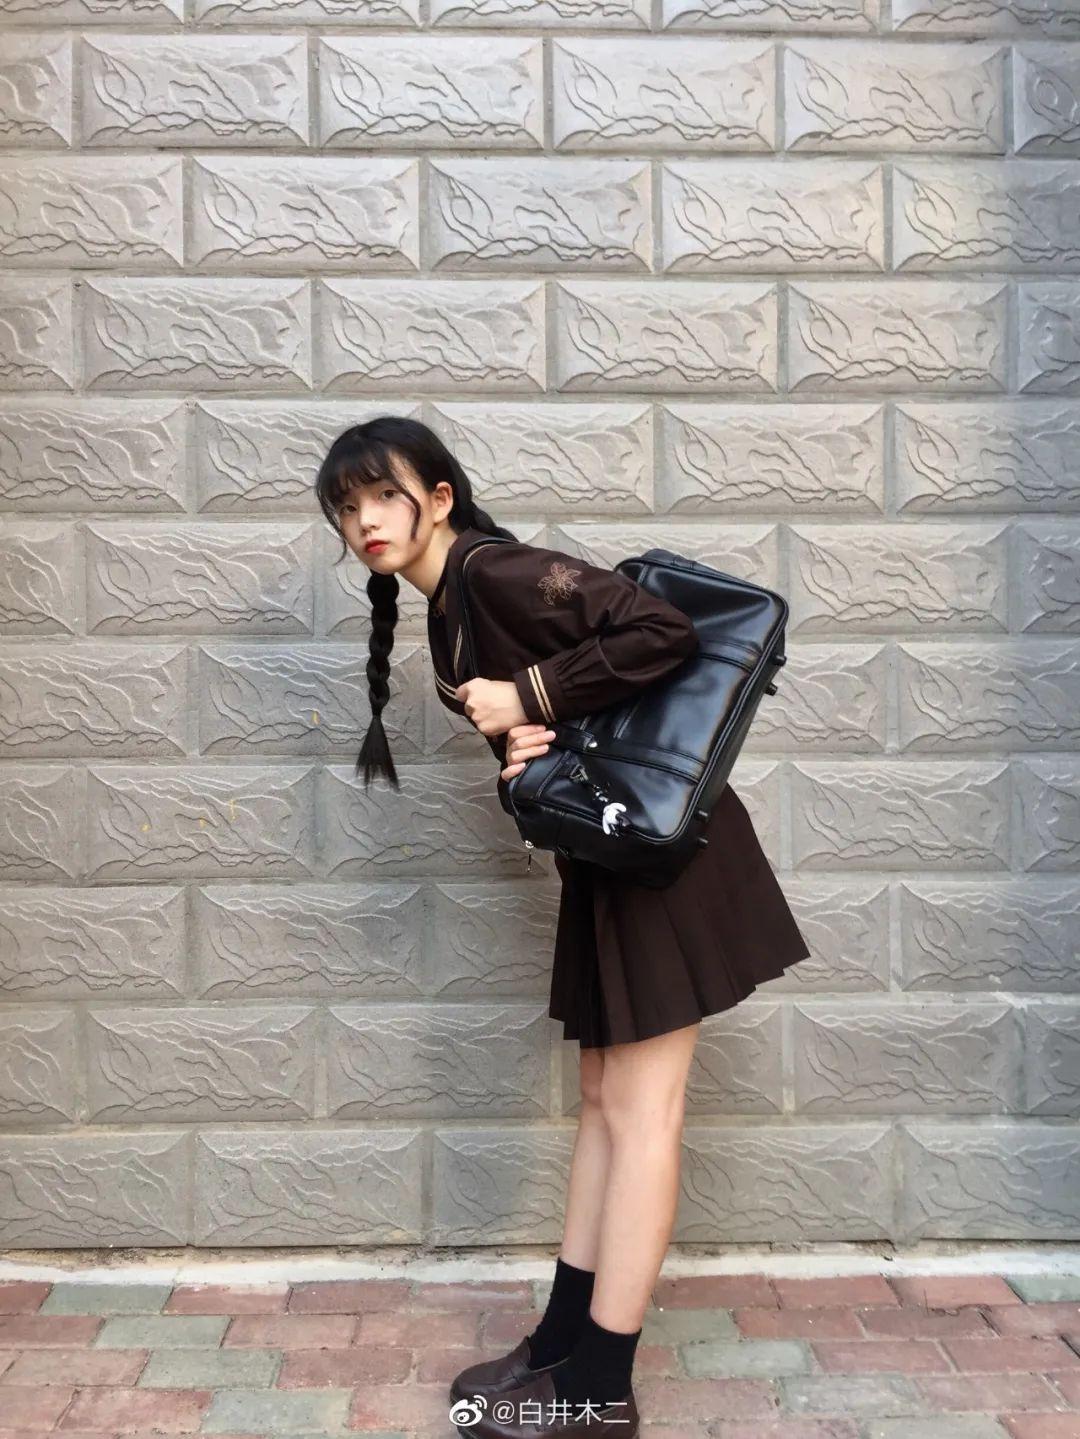 妹子摄影 – 黑色JK制服小裙子的梨涡少女@白井木二_图片 No.8